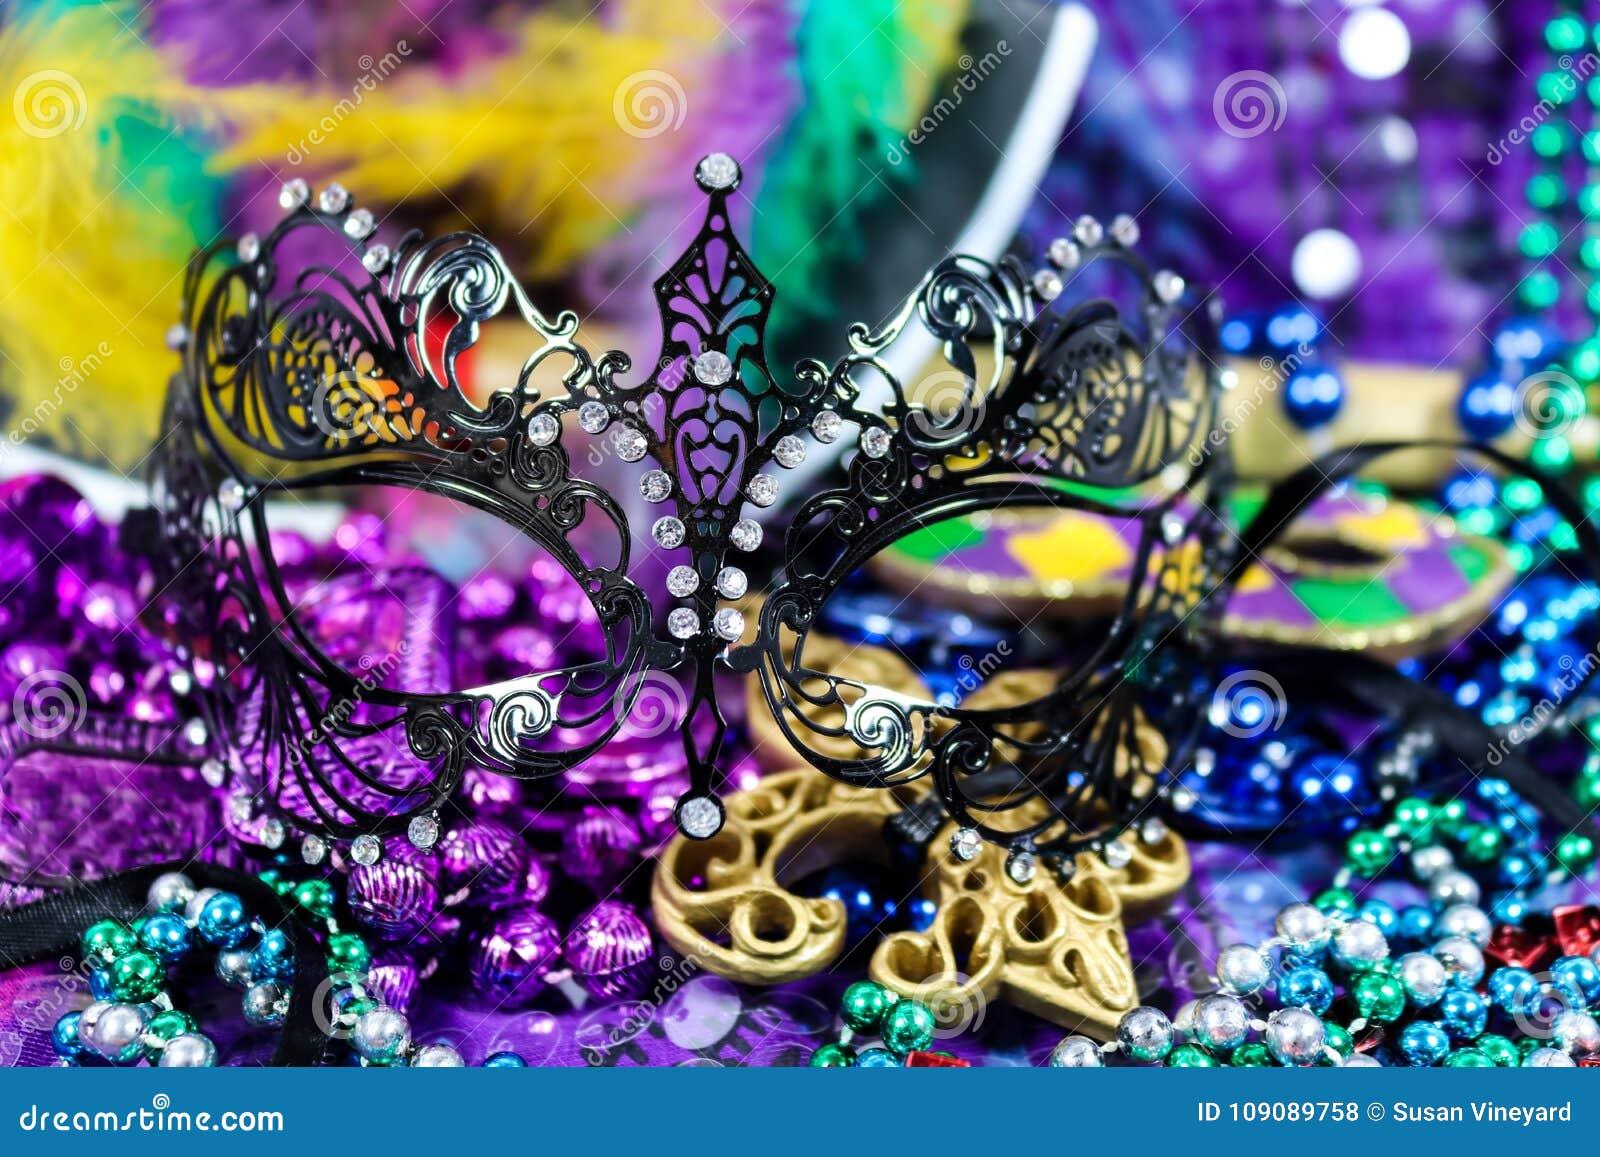 Fondo De Mardi Gras Carnaval - Colores Hermosos Brillantes Con La ...